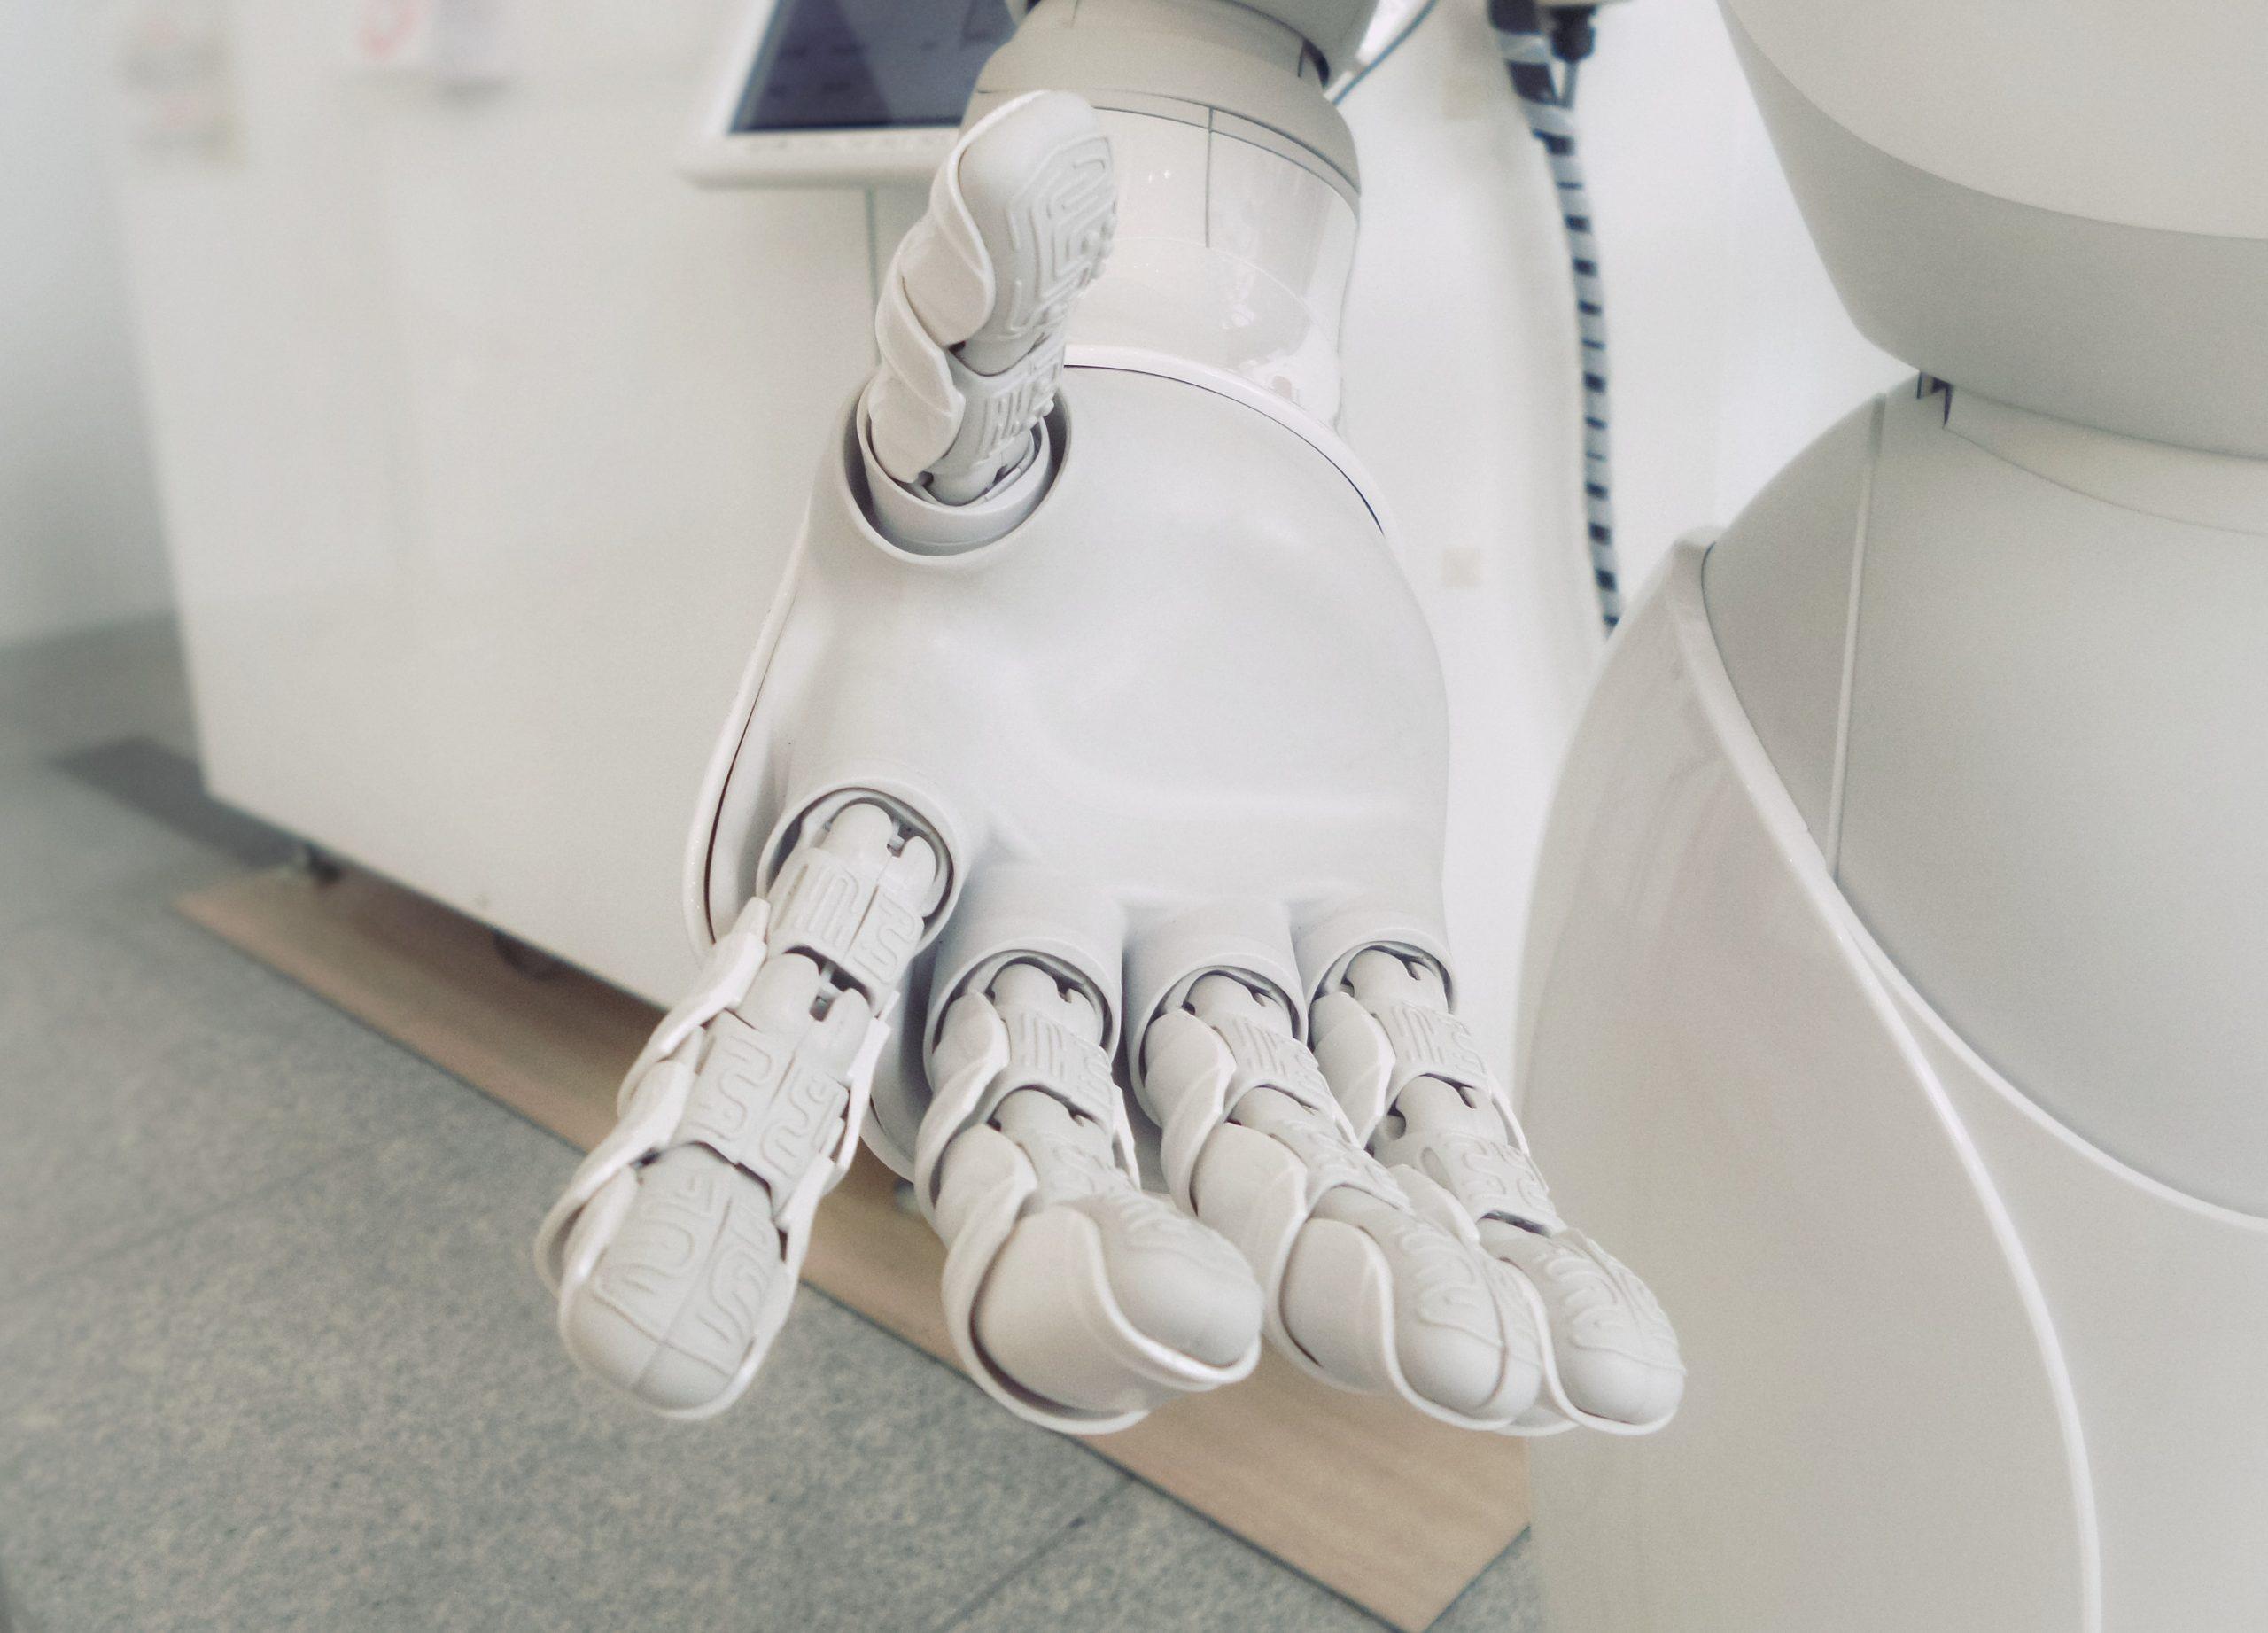 Quattro applicazioni pratiche dell'intelligenza artificiale e del 5G